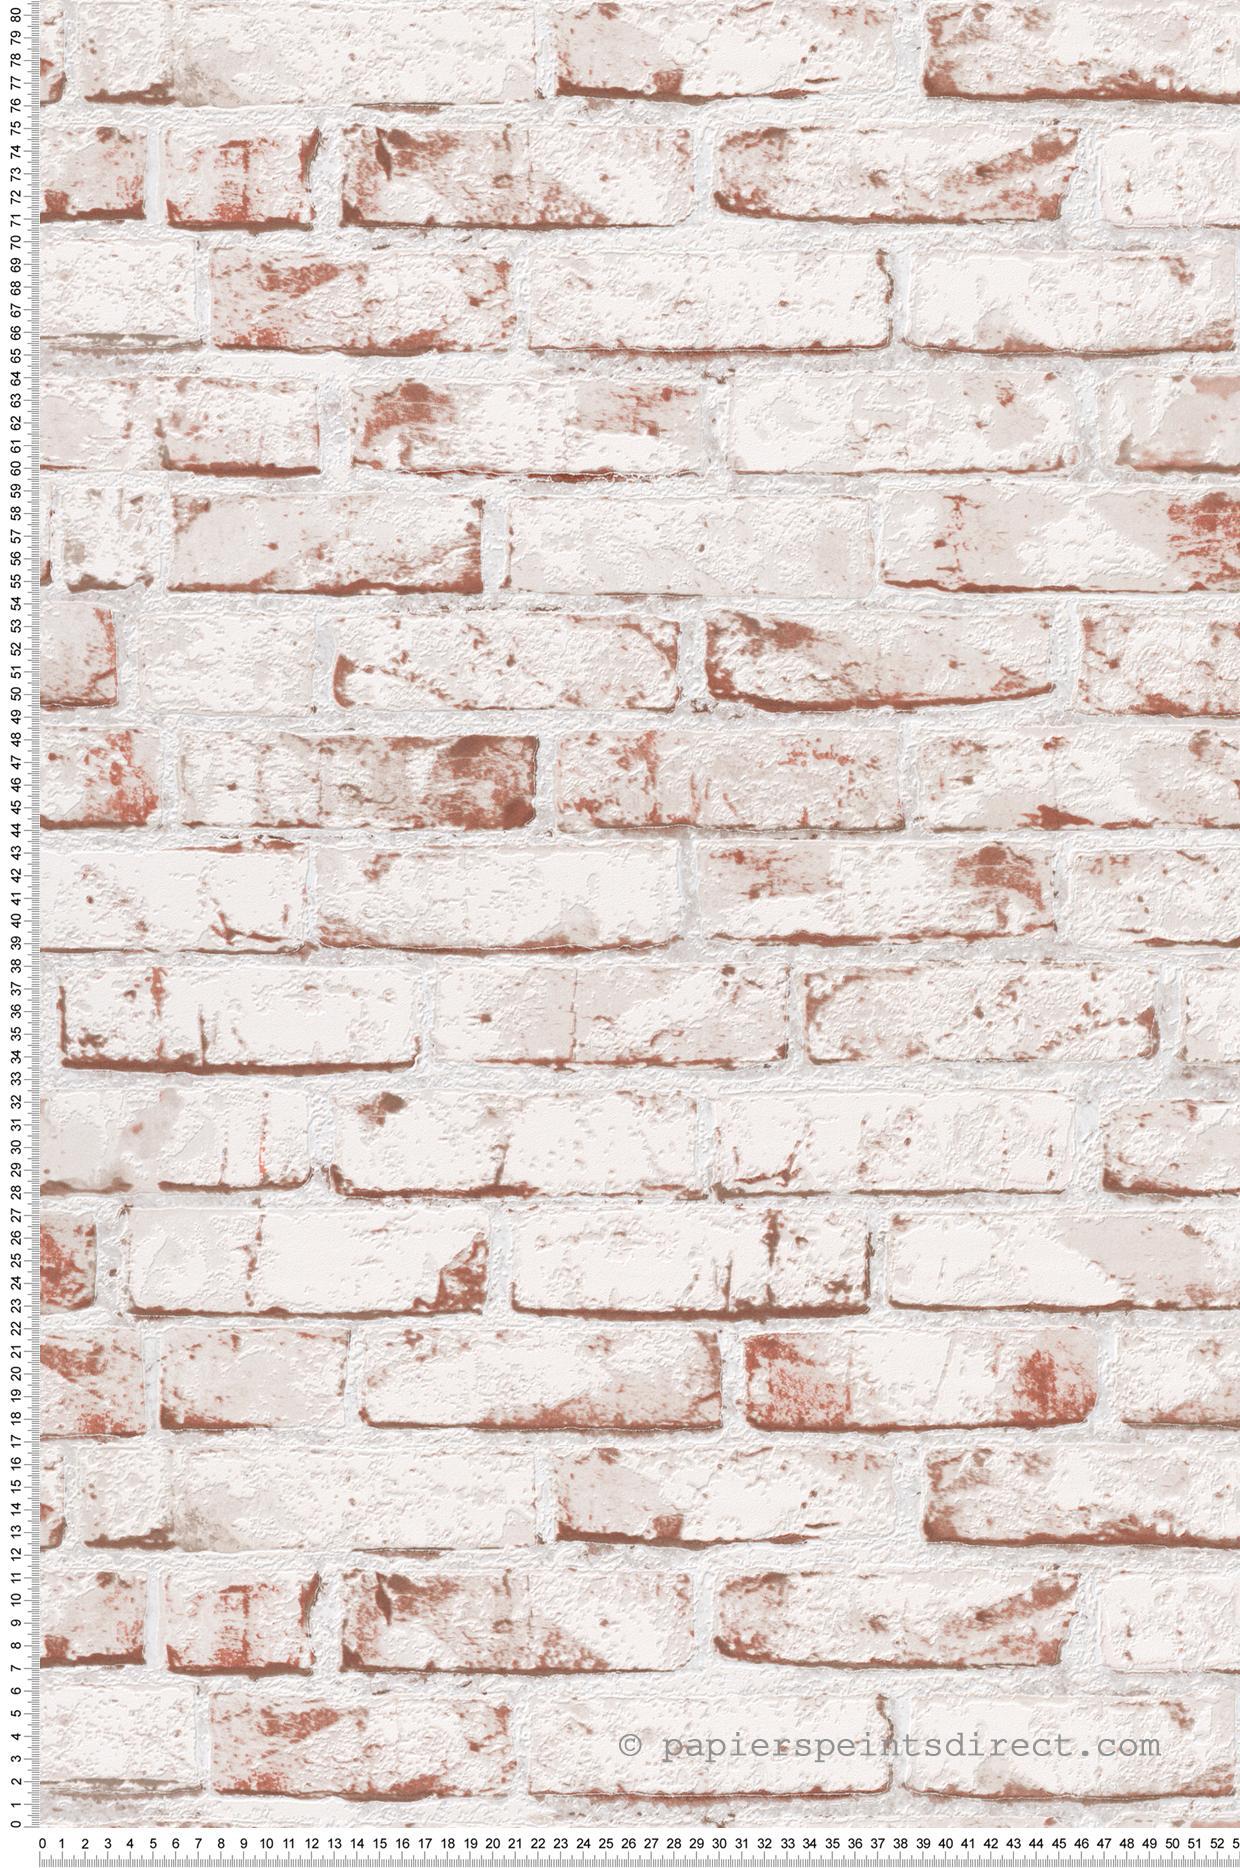 Papier Peint Briques Blanches Et Brique Wood N Stone 2 D As Creation